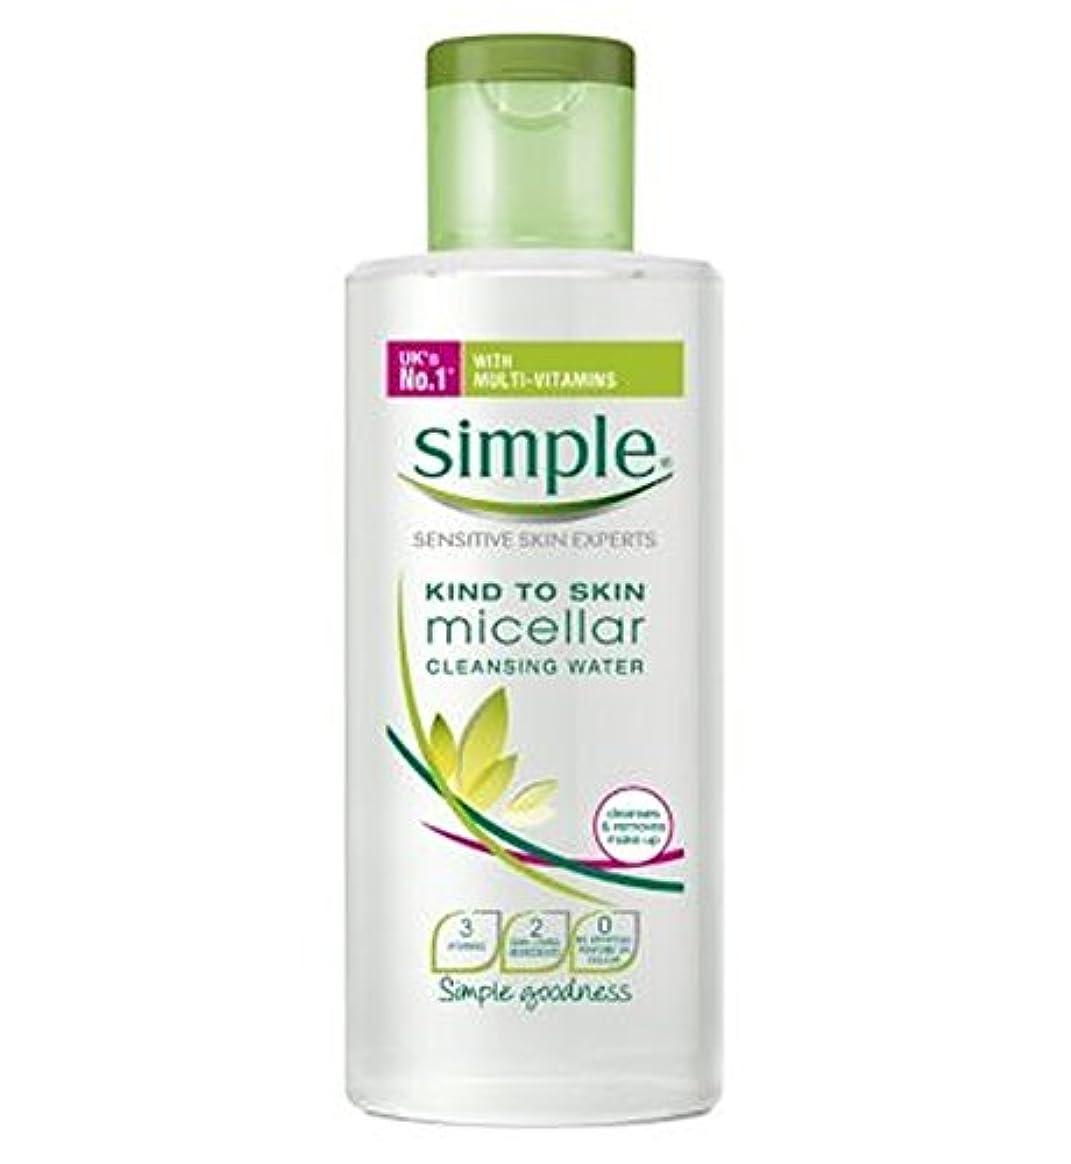 副対人月曜Simple Kind To Skin Micellar Cleansing Water 200ml - 皮膚ミセル洗浄水200ミリリットルに簡単な種類 (Simple) [並行輸入品]